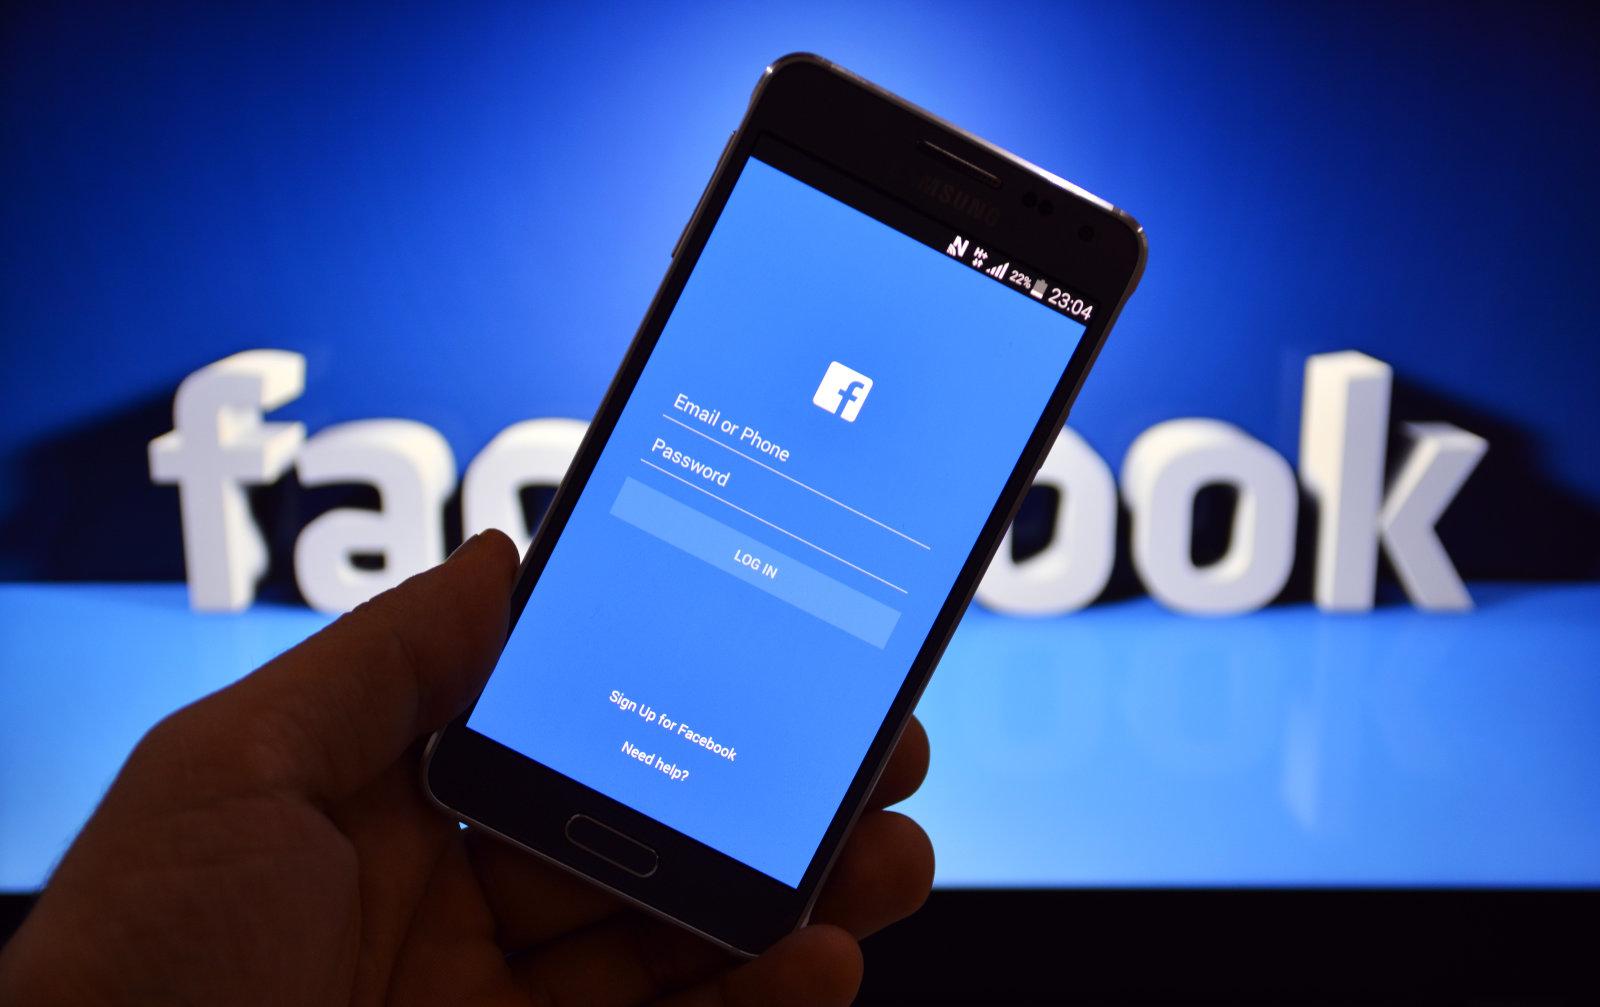 Россия в изоляции: после Telegram в стране могут отключить Facebook